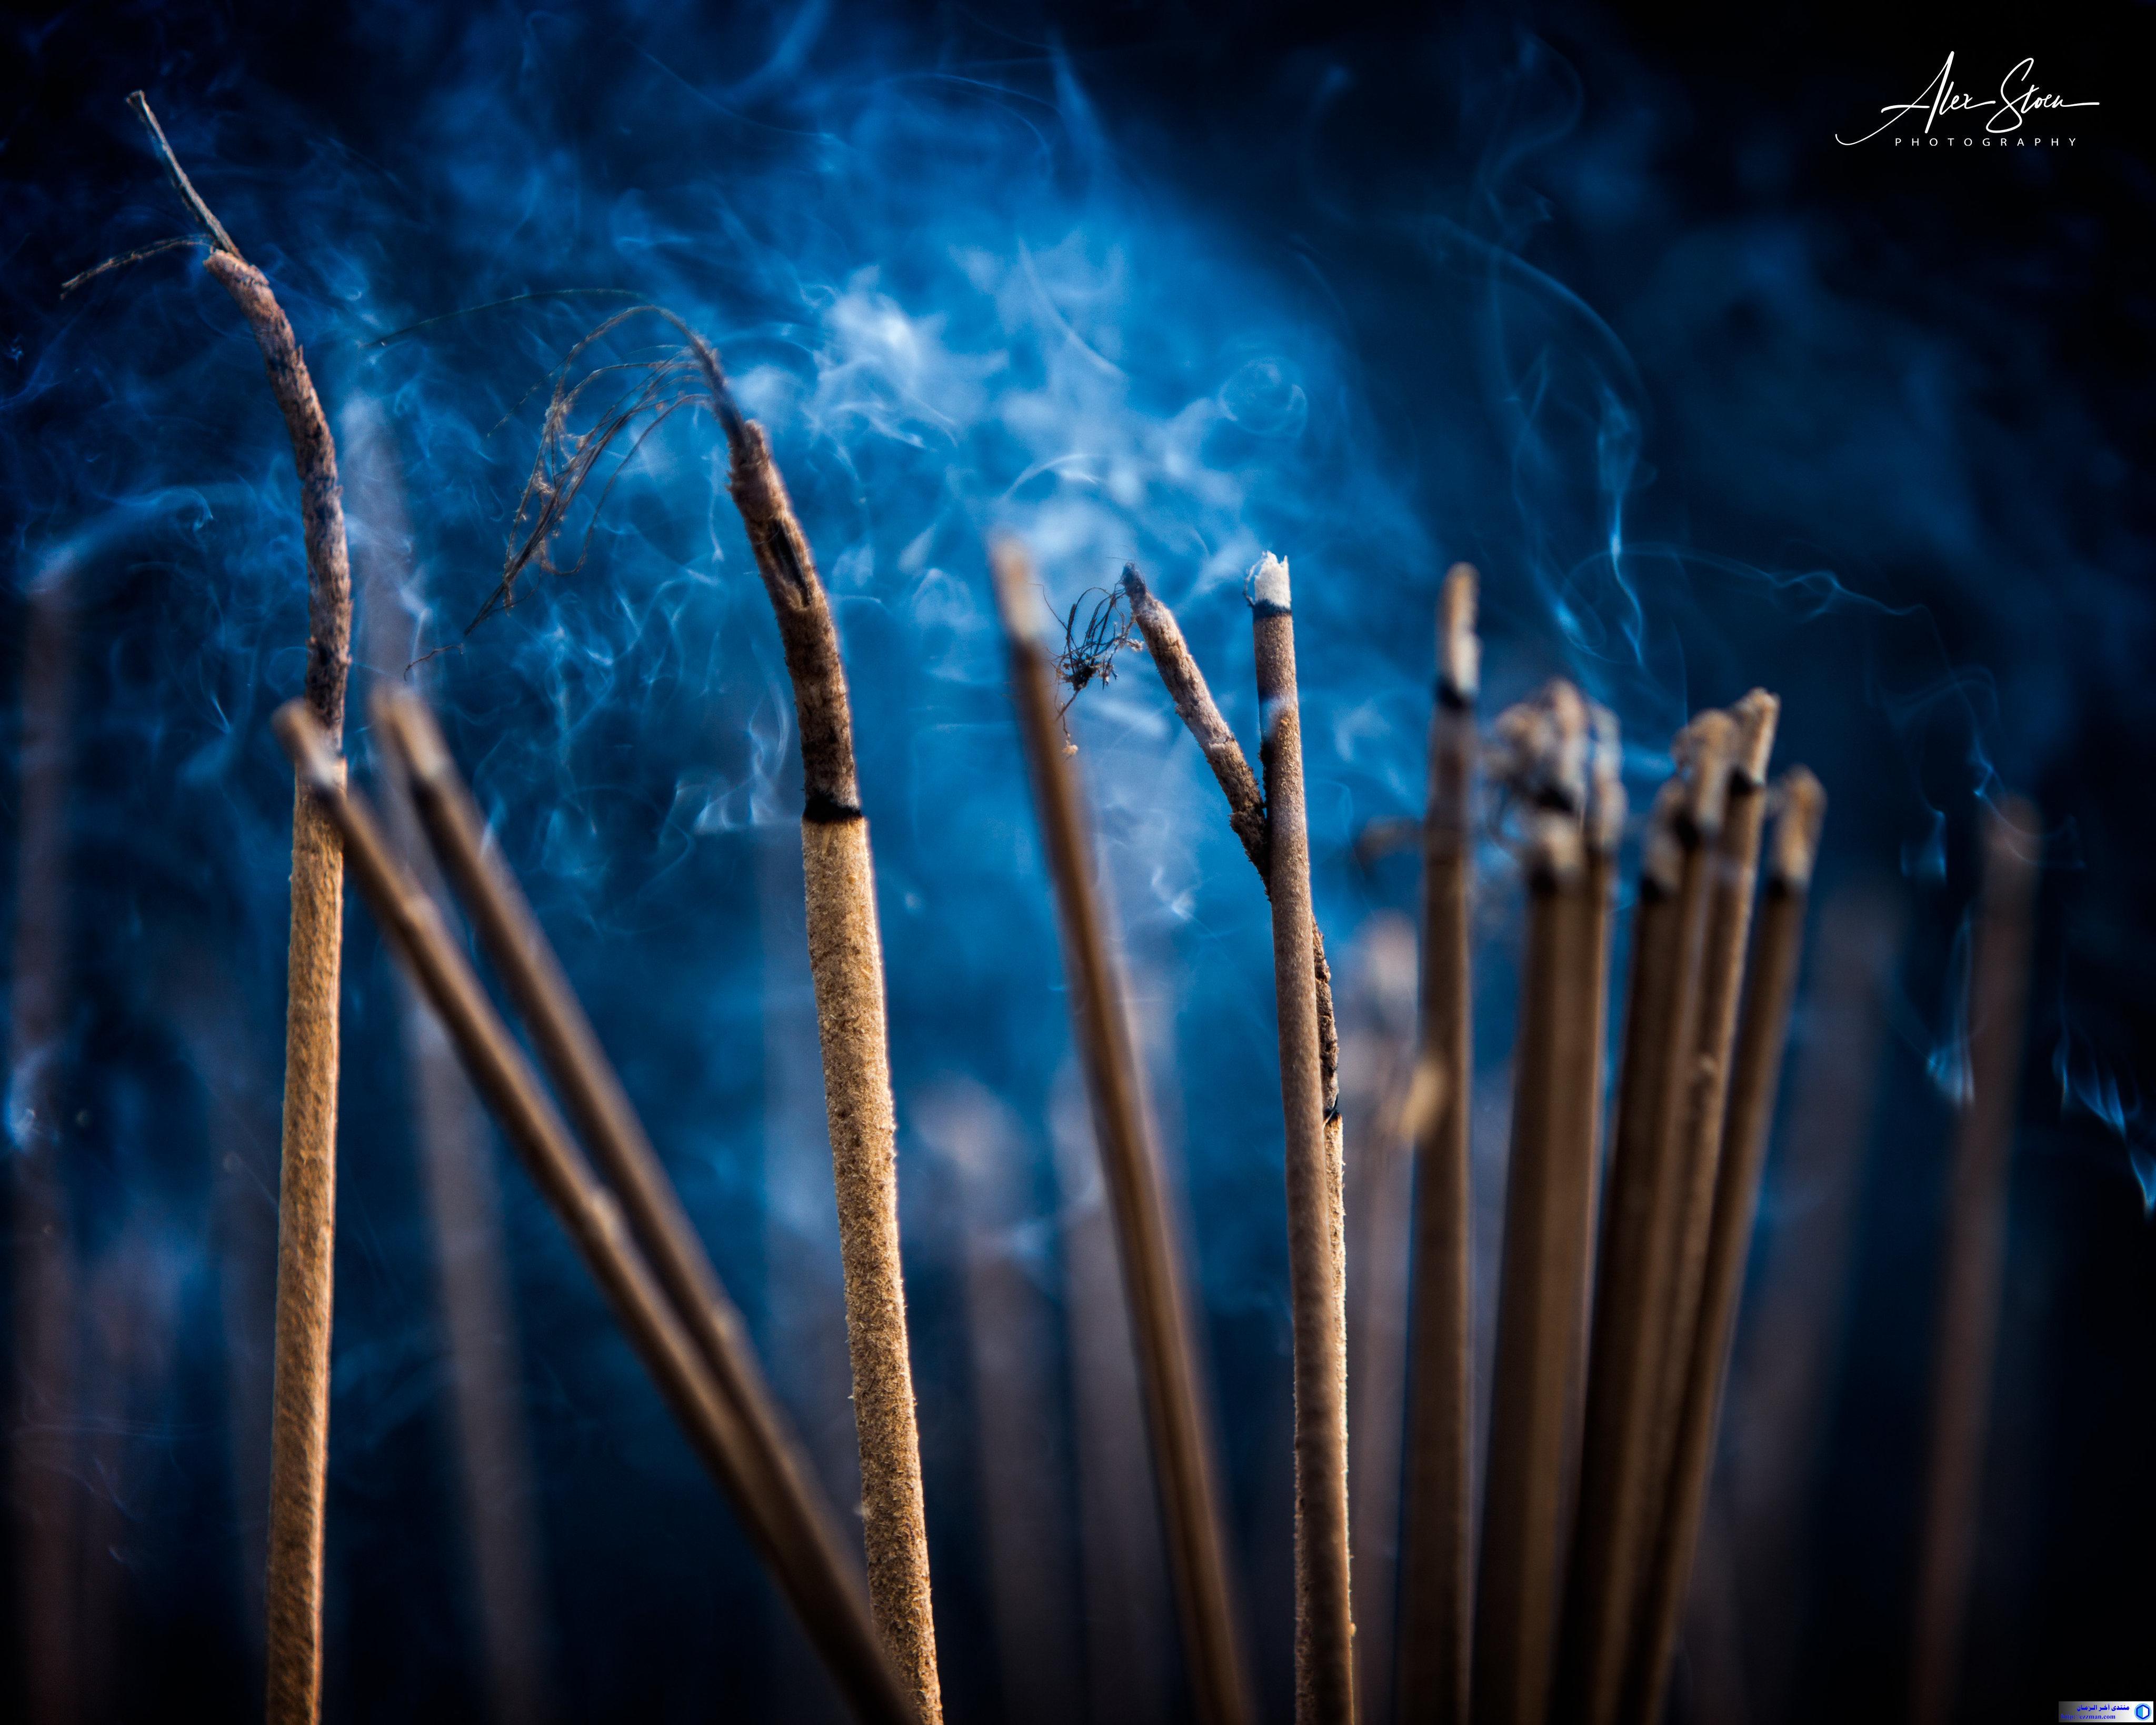 التبخير والتدخين وعلاقتهما بالجن والشياطين